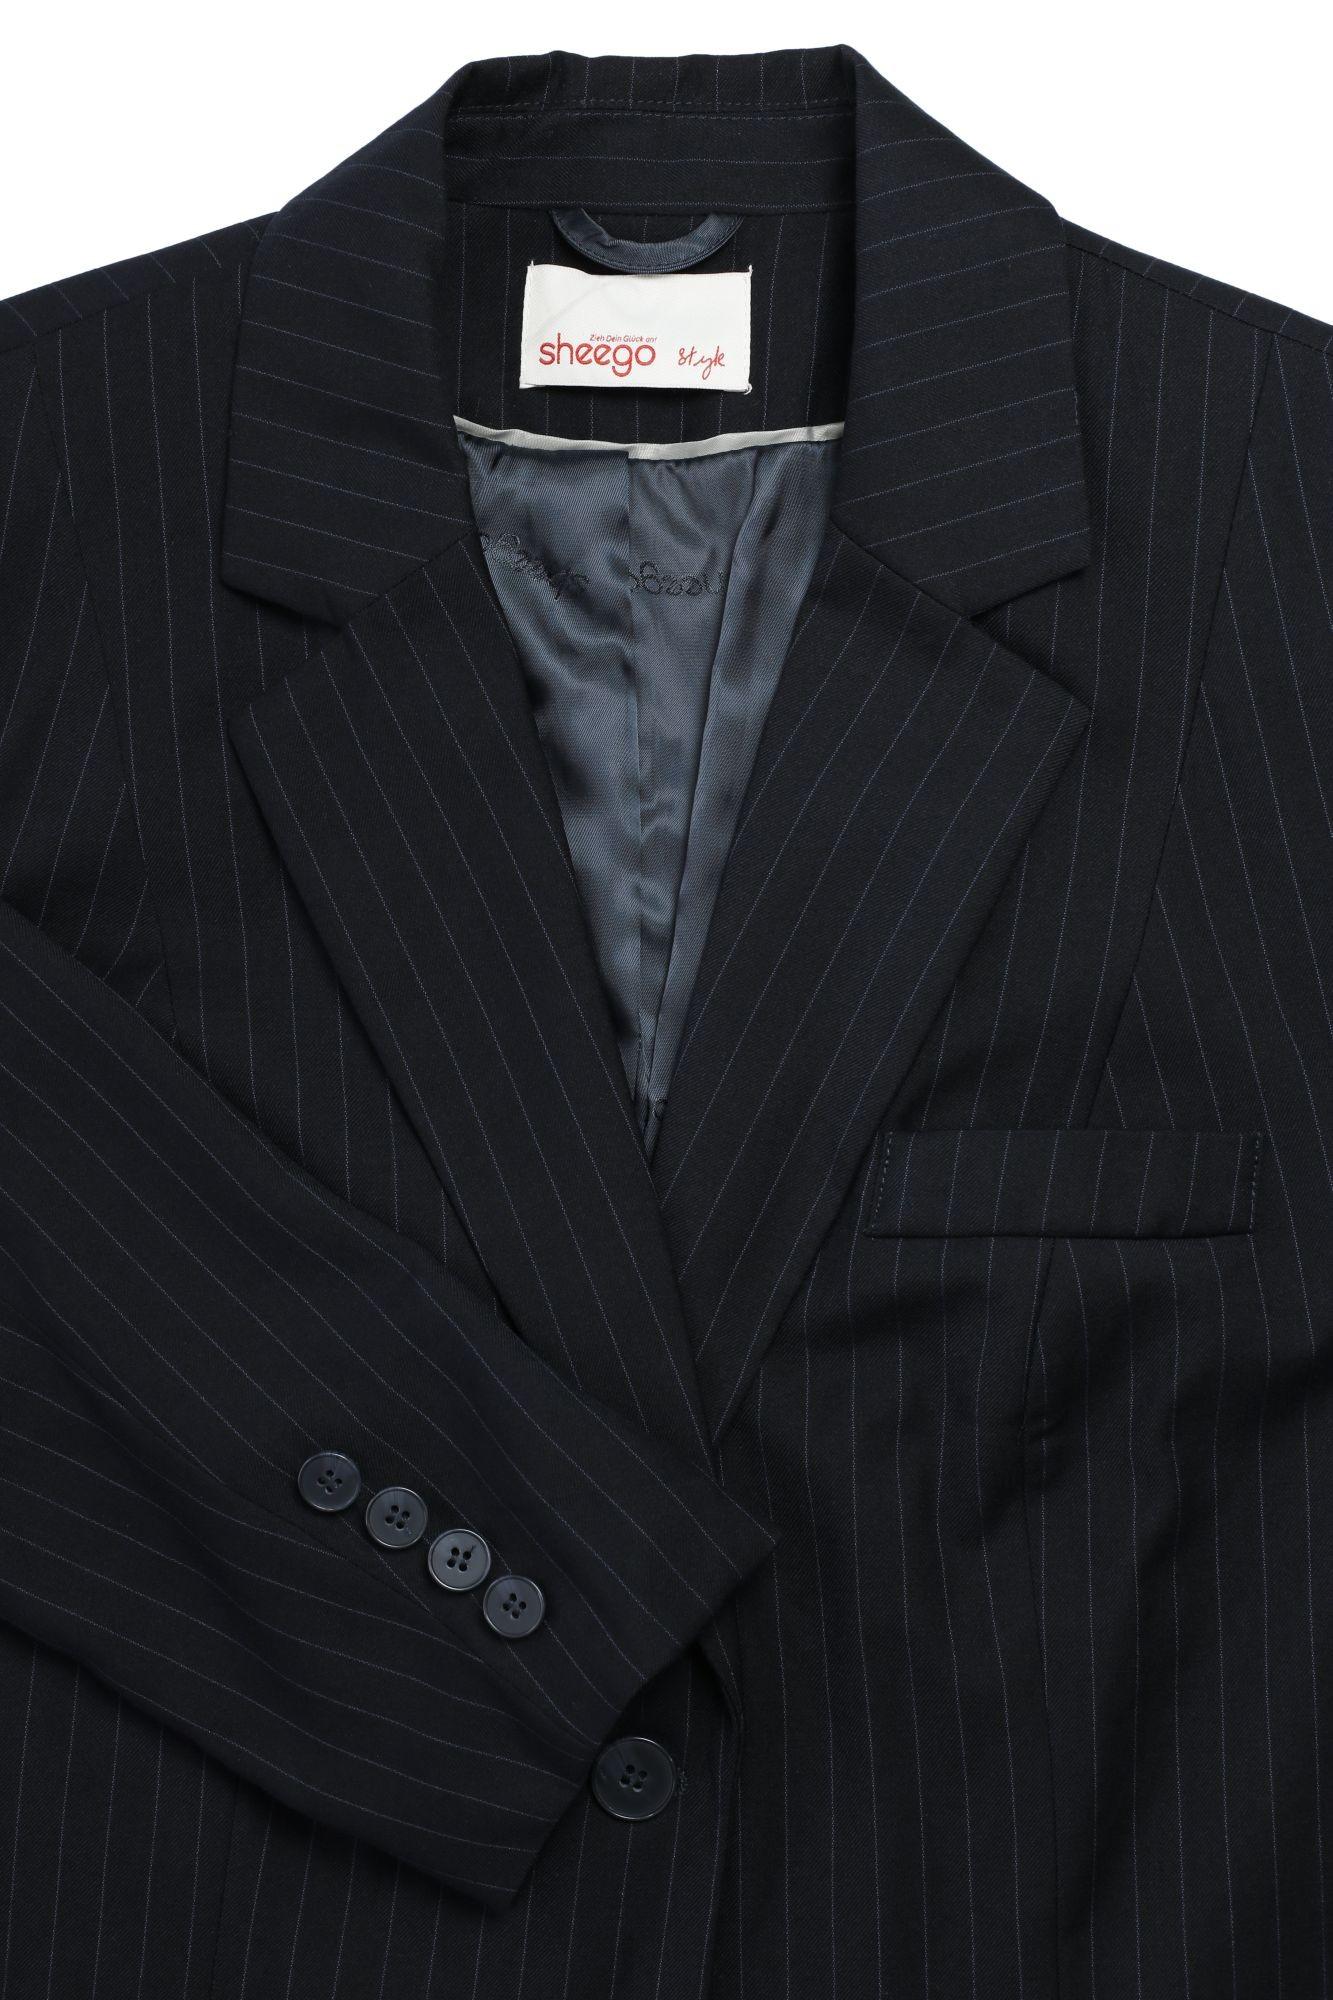 le d'origine Sheego taille plusgröße Redingote titre grande Blazer Longblazer sur afficher Veste Femmes Détails Viscose FKl1J3uTc